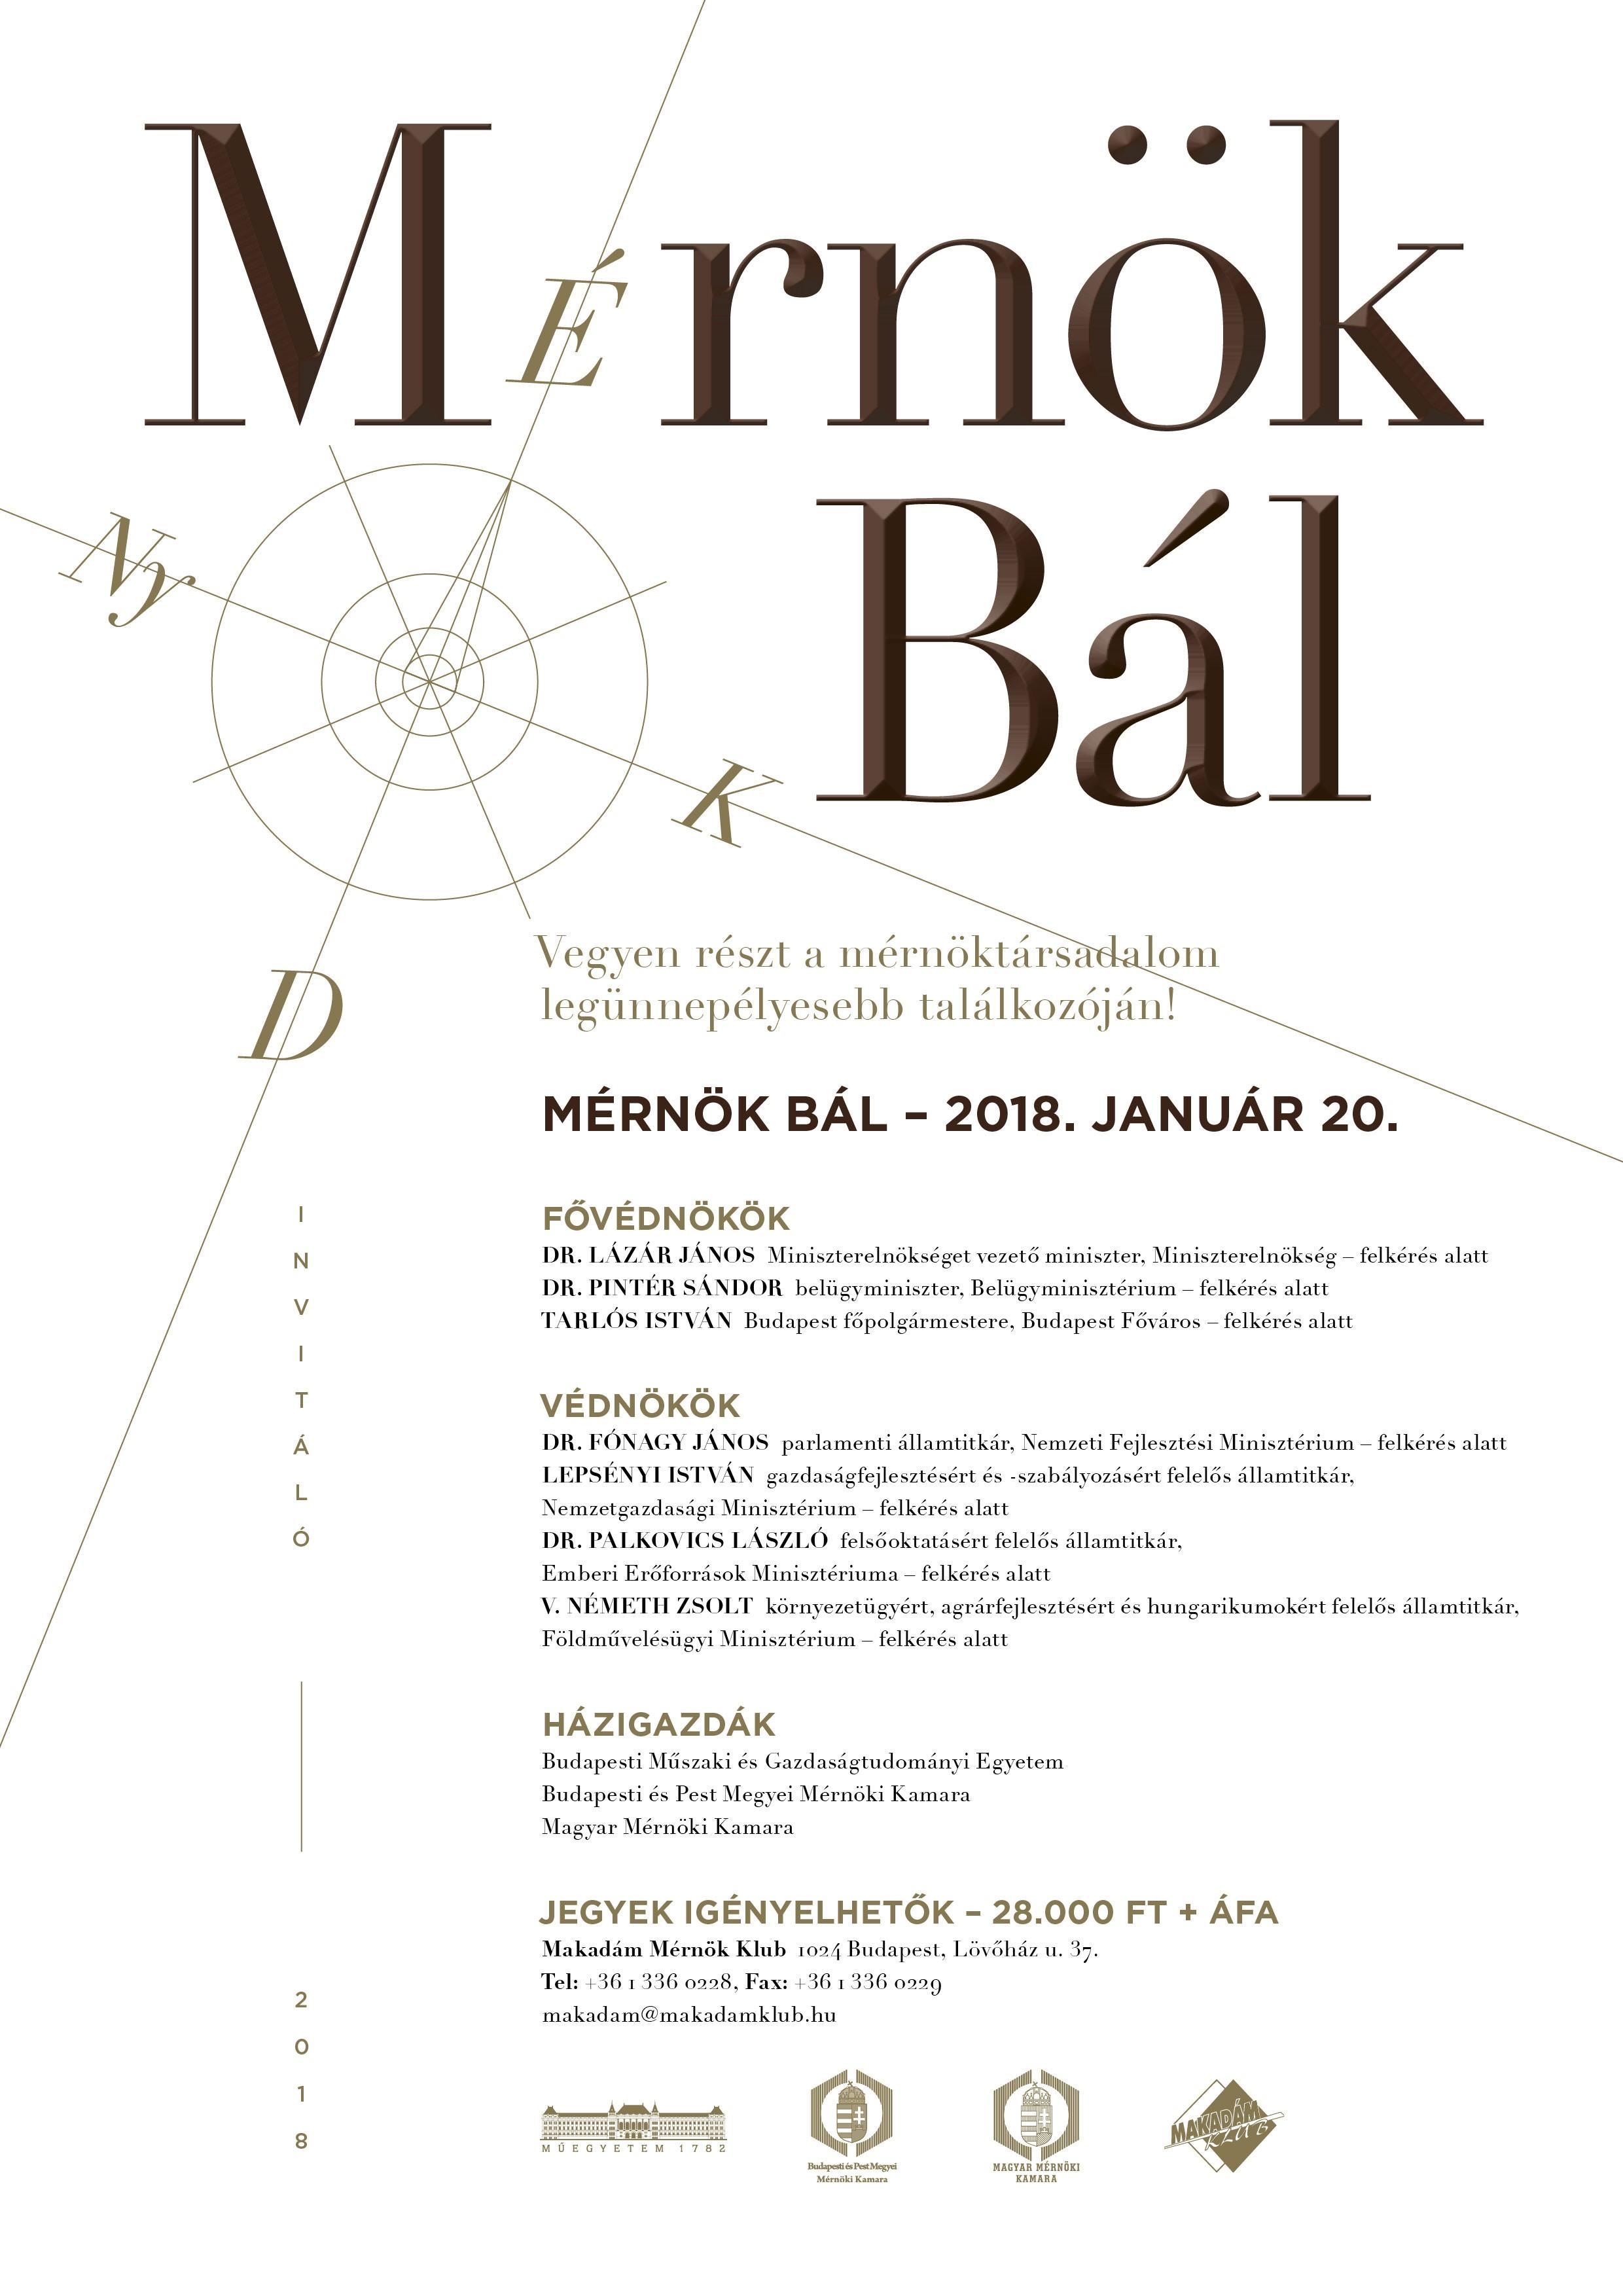 mernokbal-2018